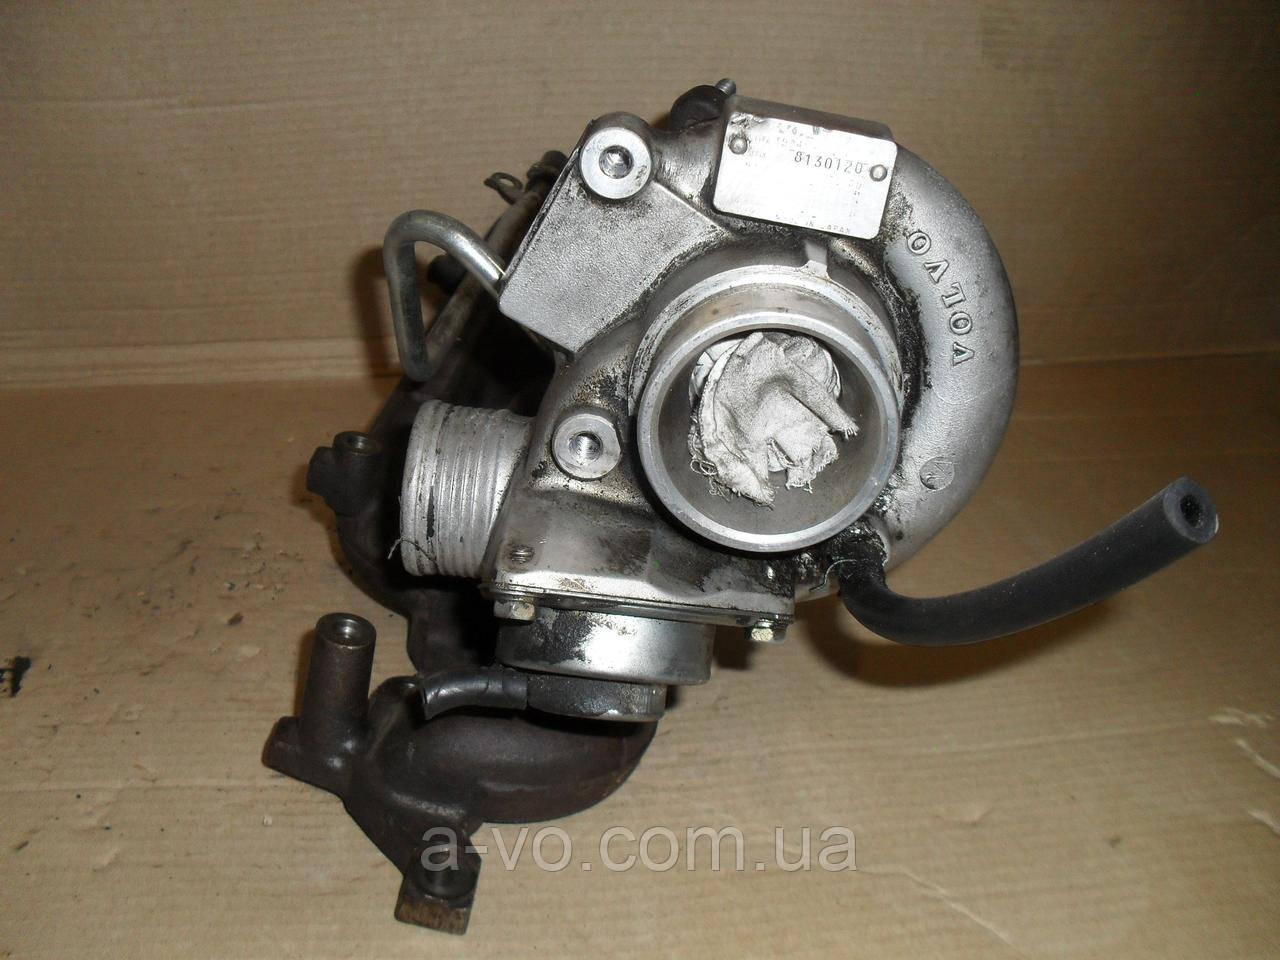 Турбина для Volvo 850 S70 V70 2.3 T5, 49189-01301, 49189-01300, 1270242011